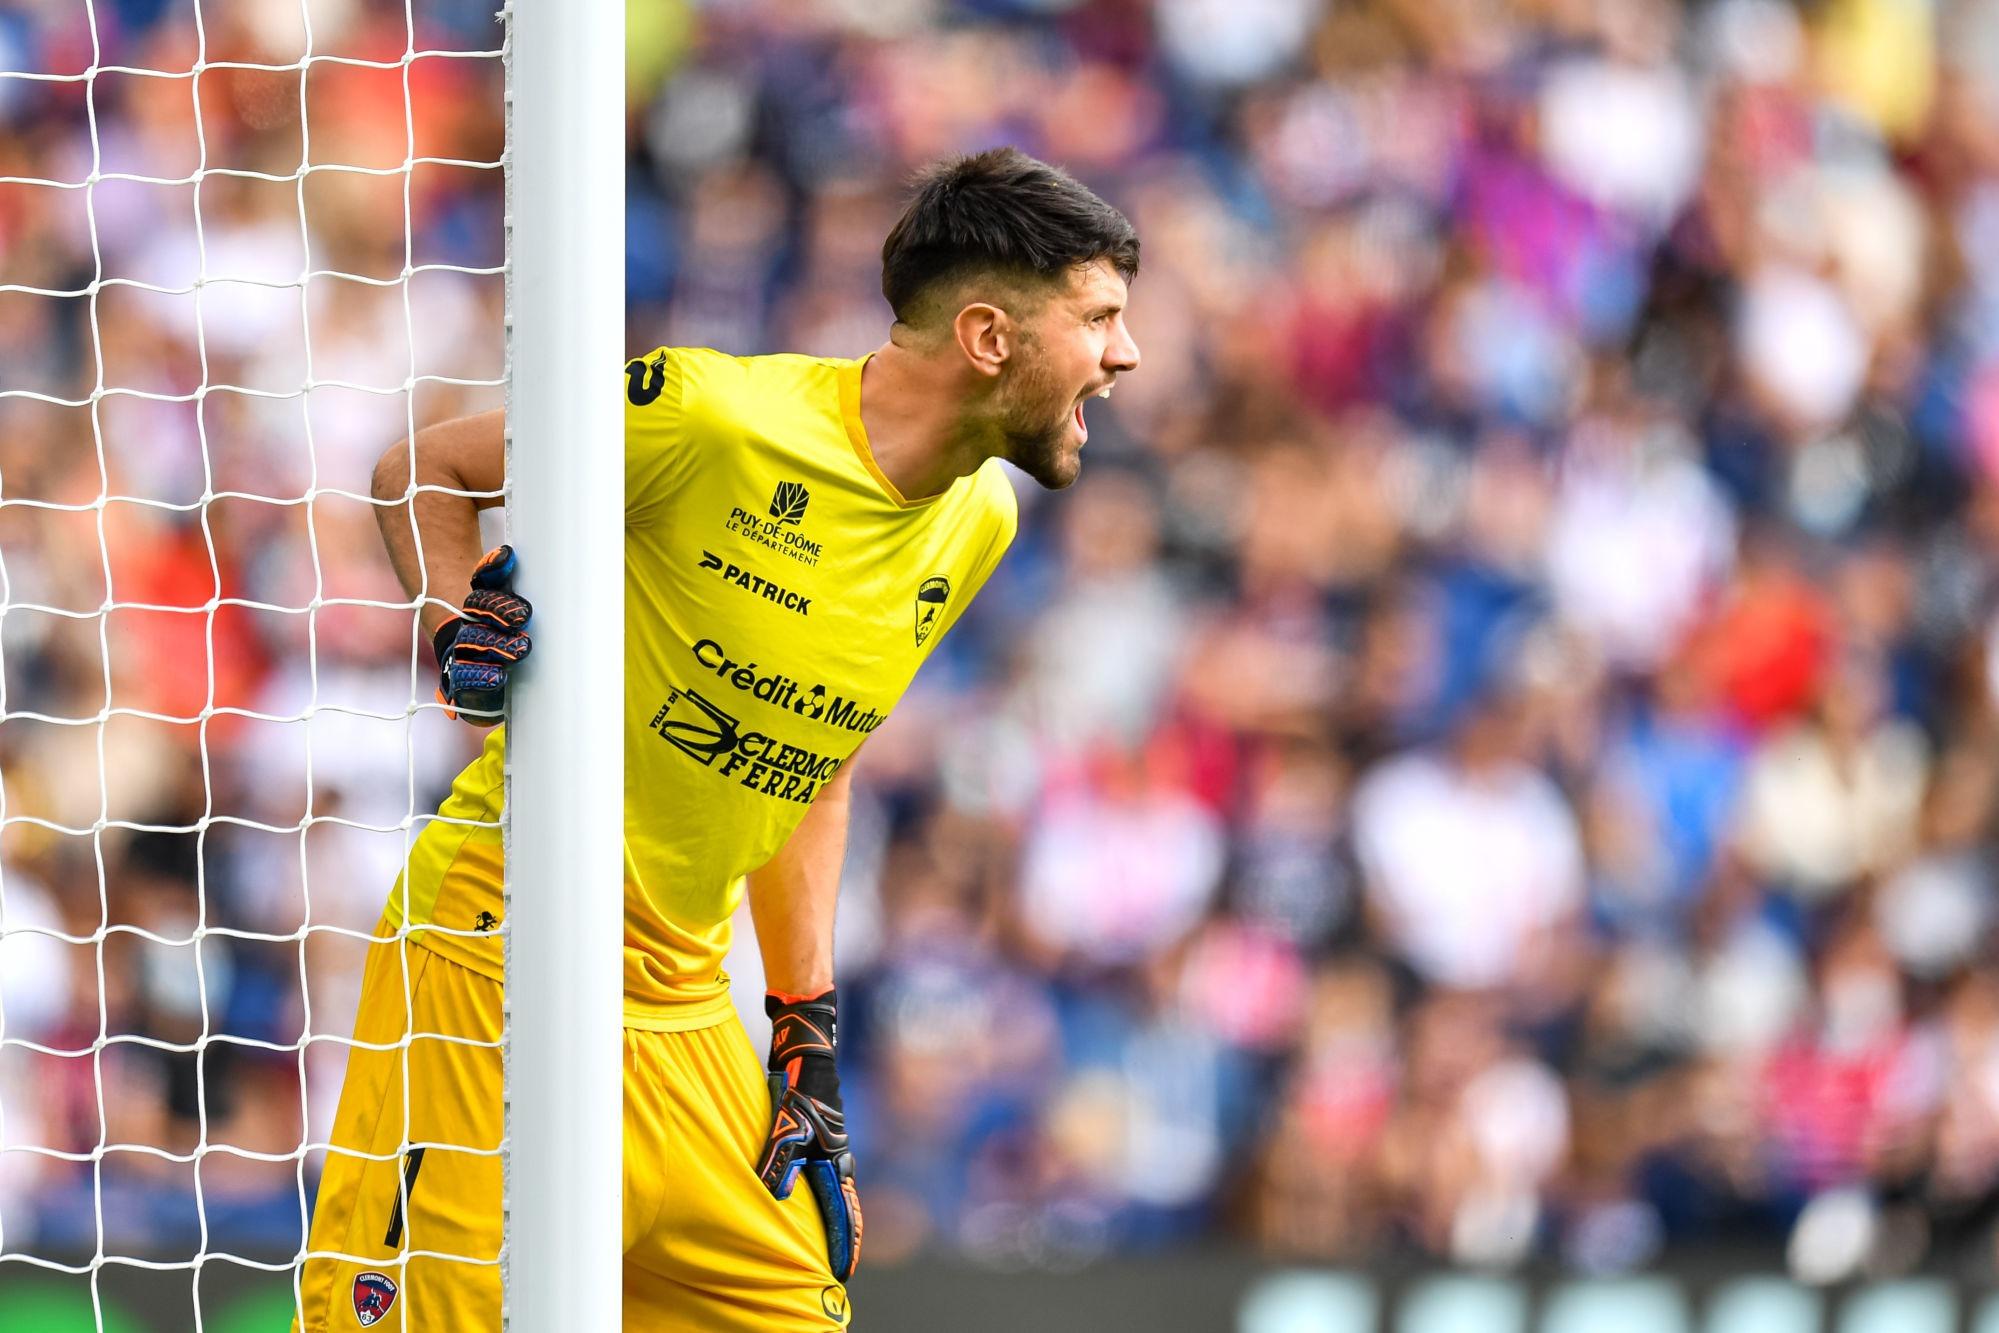 """PSG/Clermont - Desmas souligne """"Paris a su aborder le match comme il le fallait"""""""